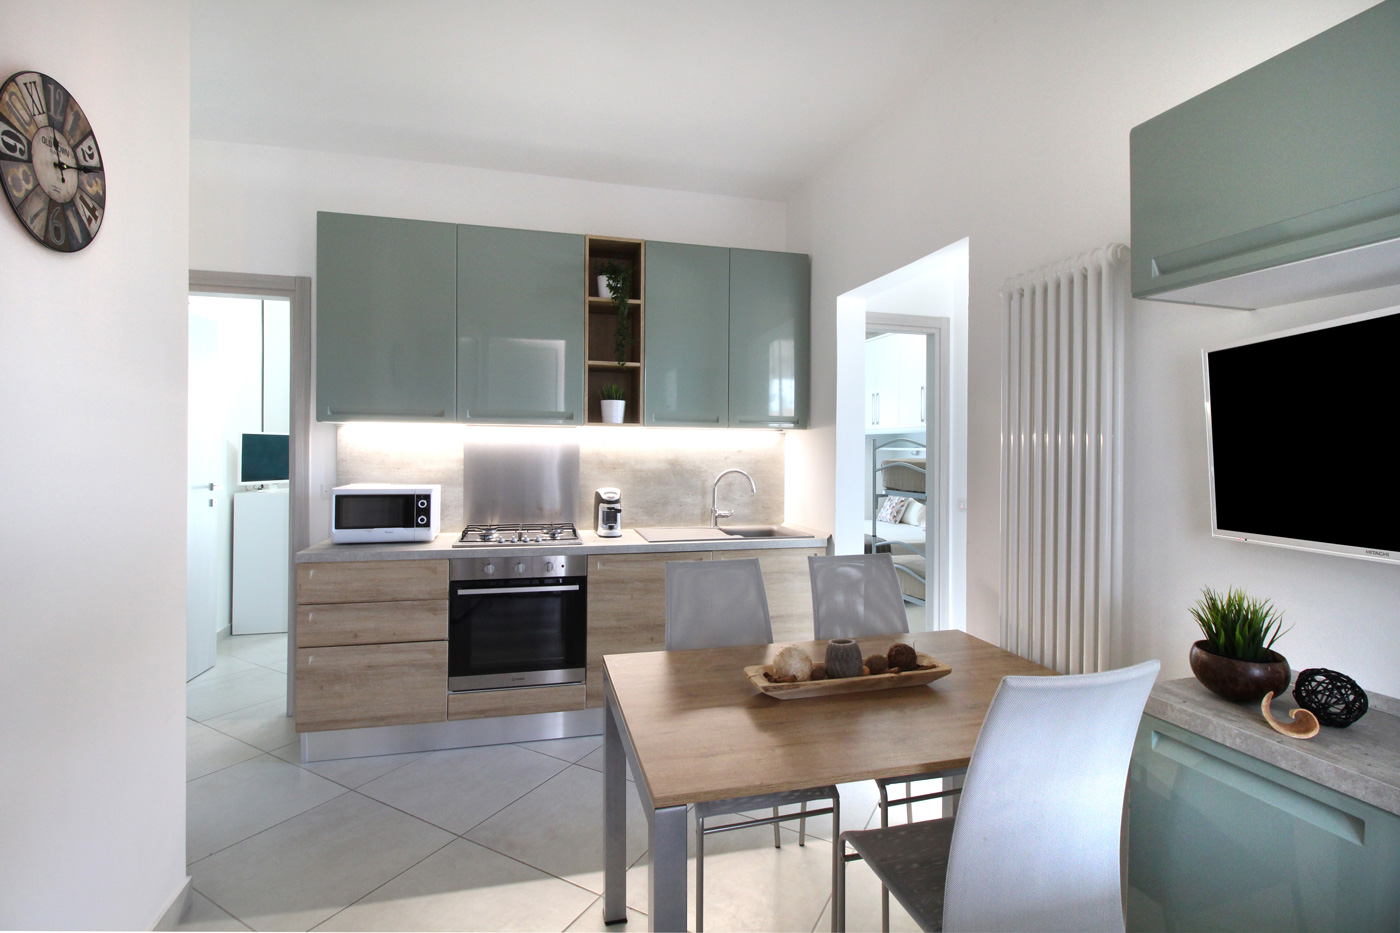 Appartamento Sofia_Romagna case vacanze_Gatteo mare_San mauro_9621_2